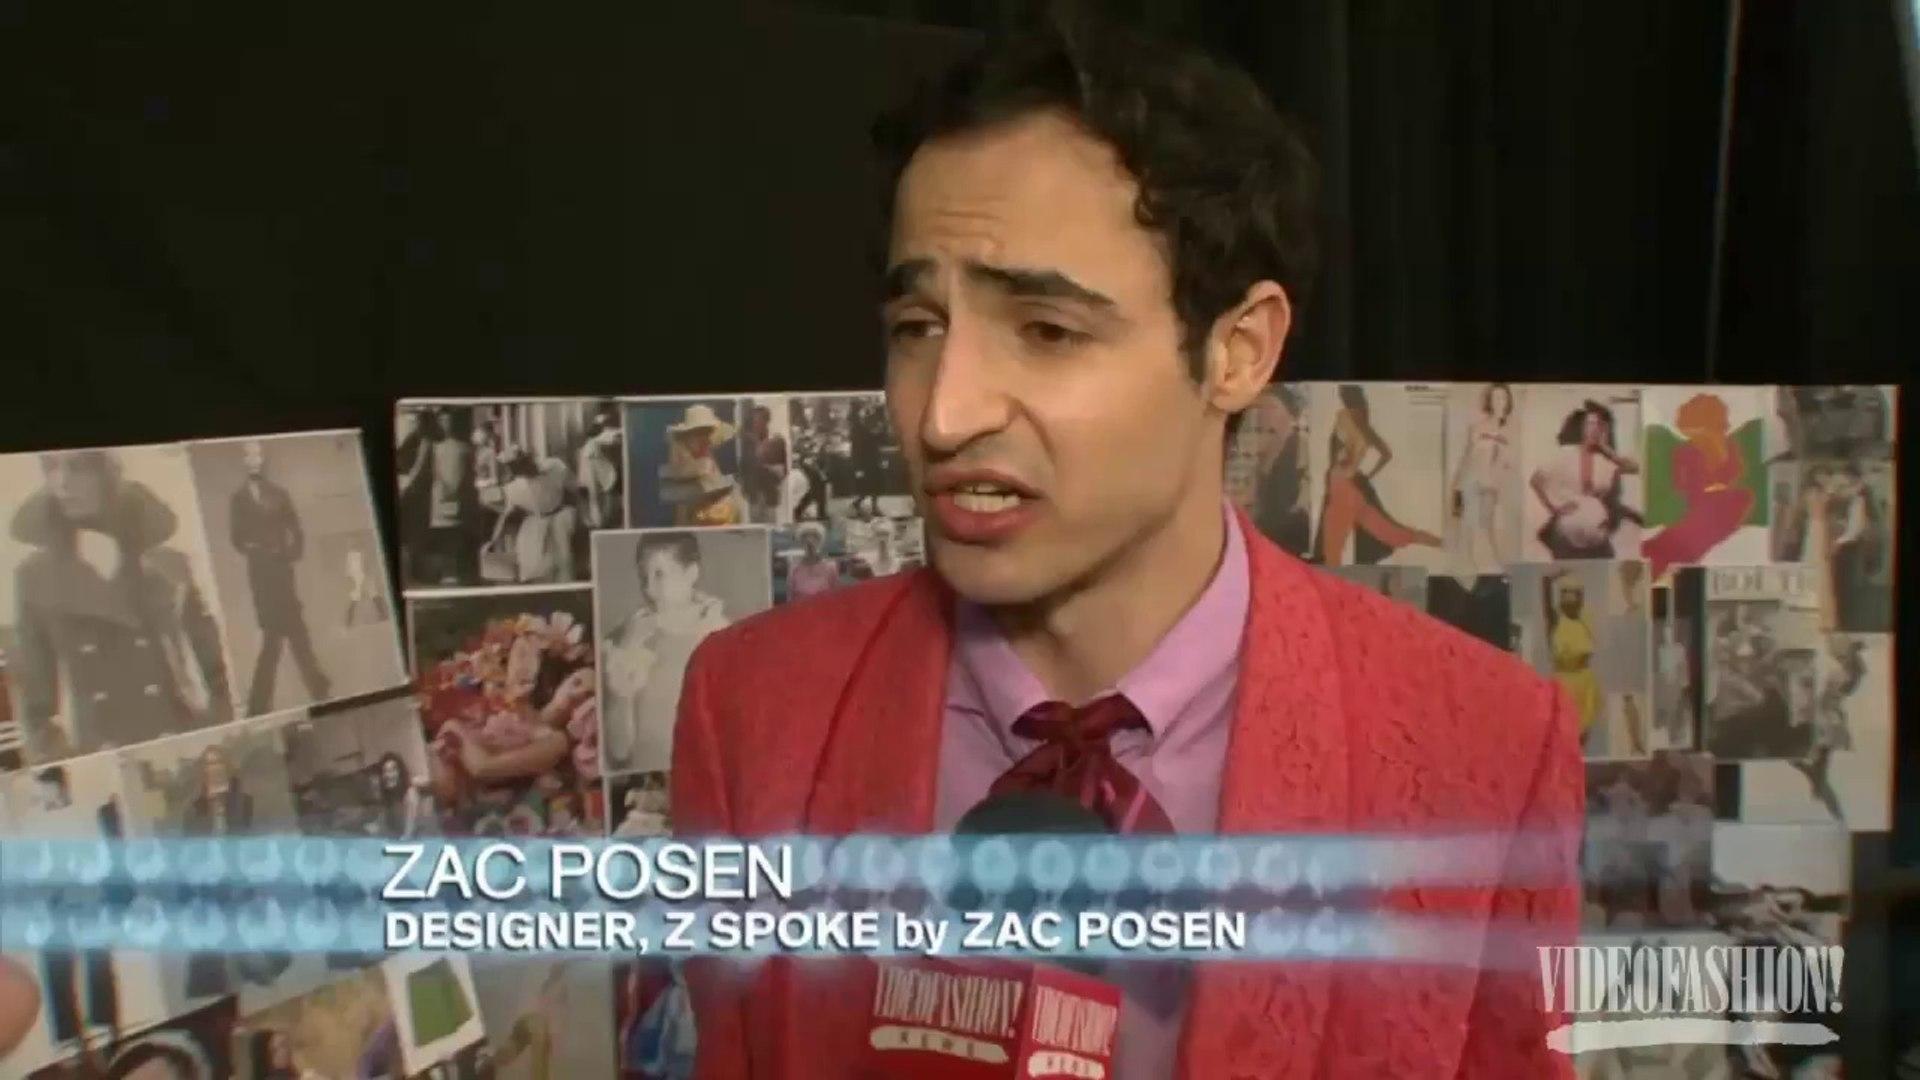 Z Spoke by Zac Posen S/S 2011- Videofashion Daily